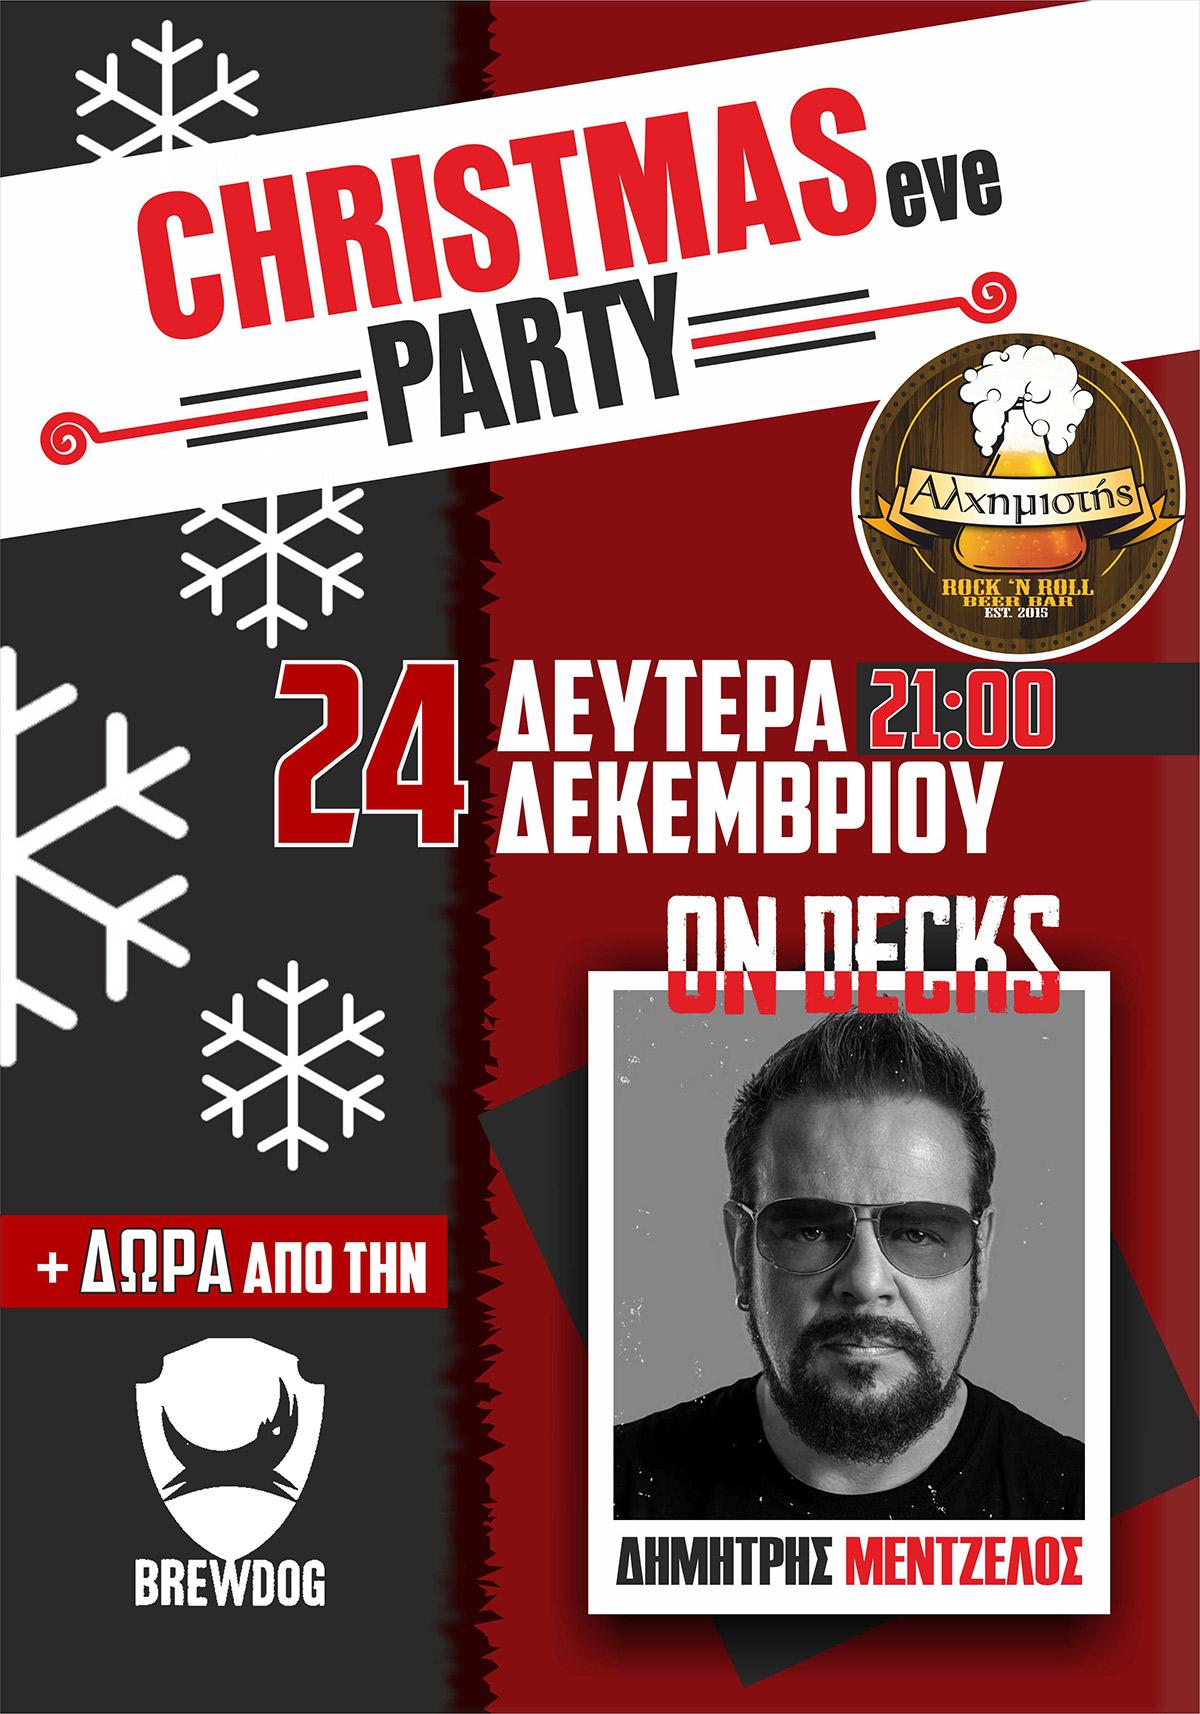 Εκτυπώσεις - Φωτοτυπίες - Γραφιστικά   Copyshop2.gr - Αλχημιστής   25ης Μαρτίου 130, Πετρούπολη